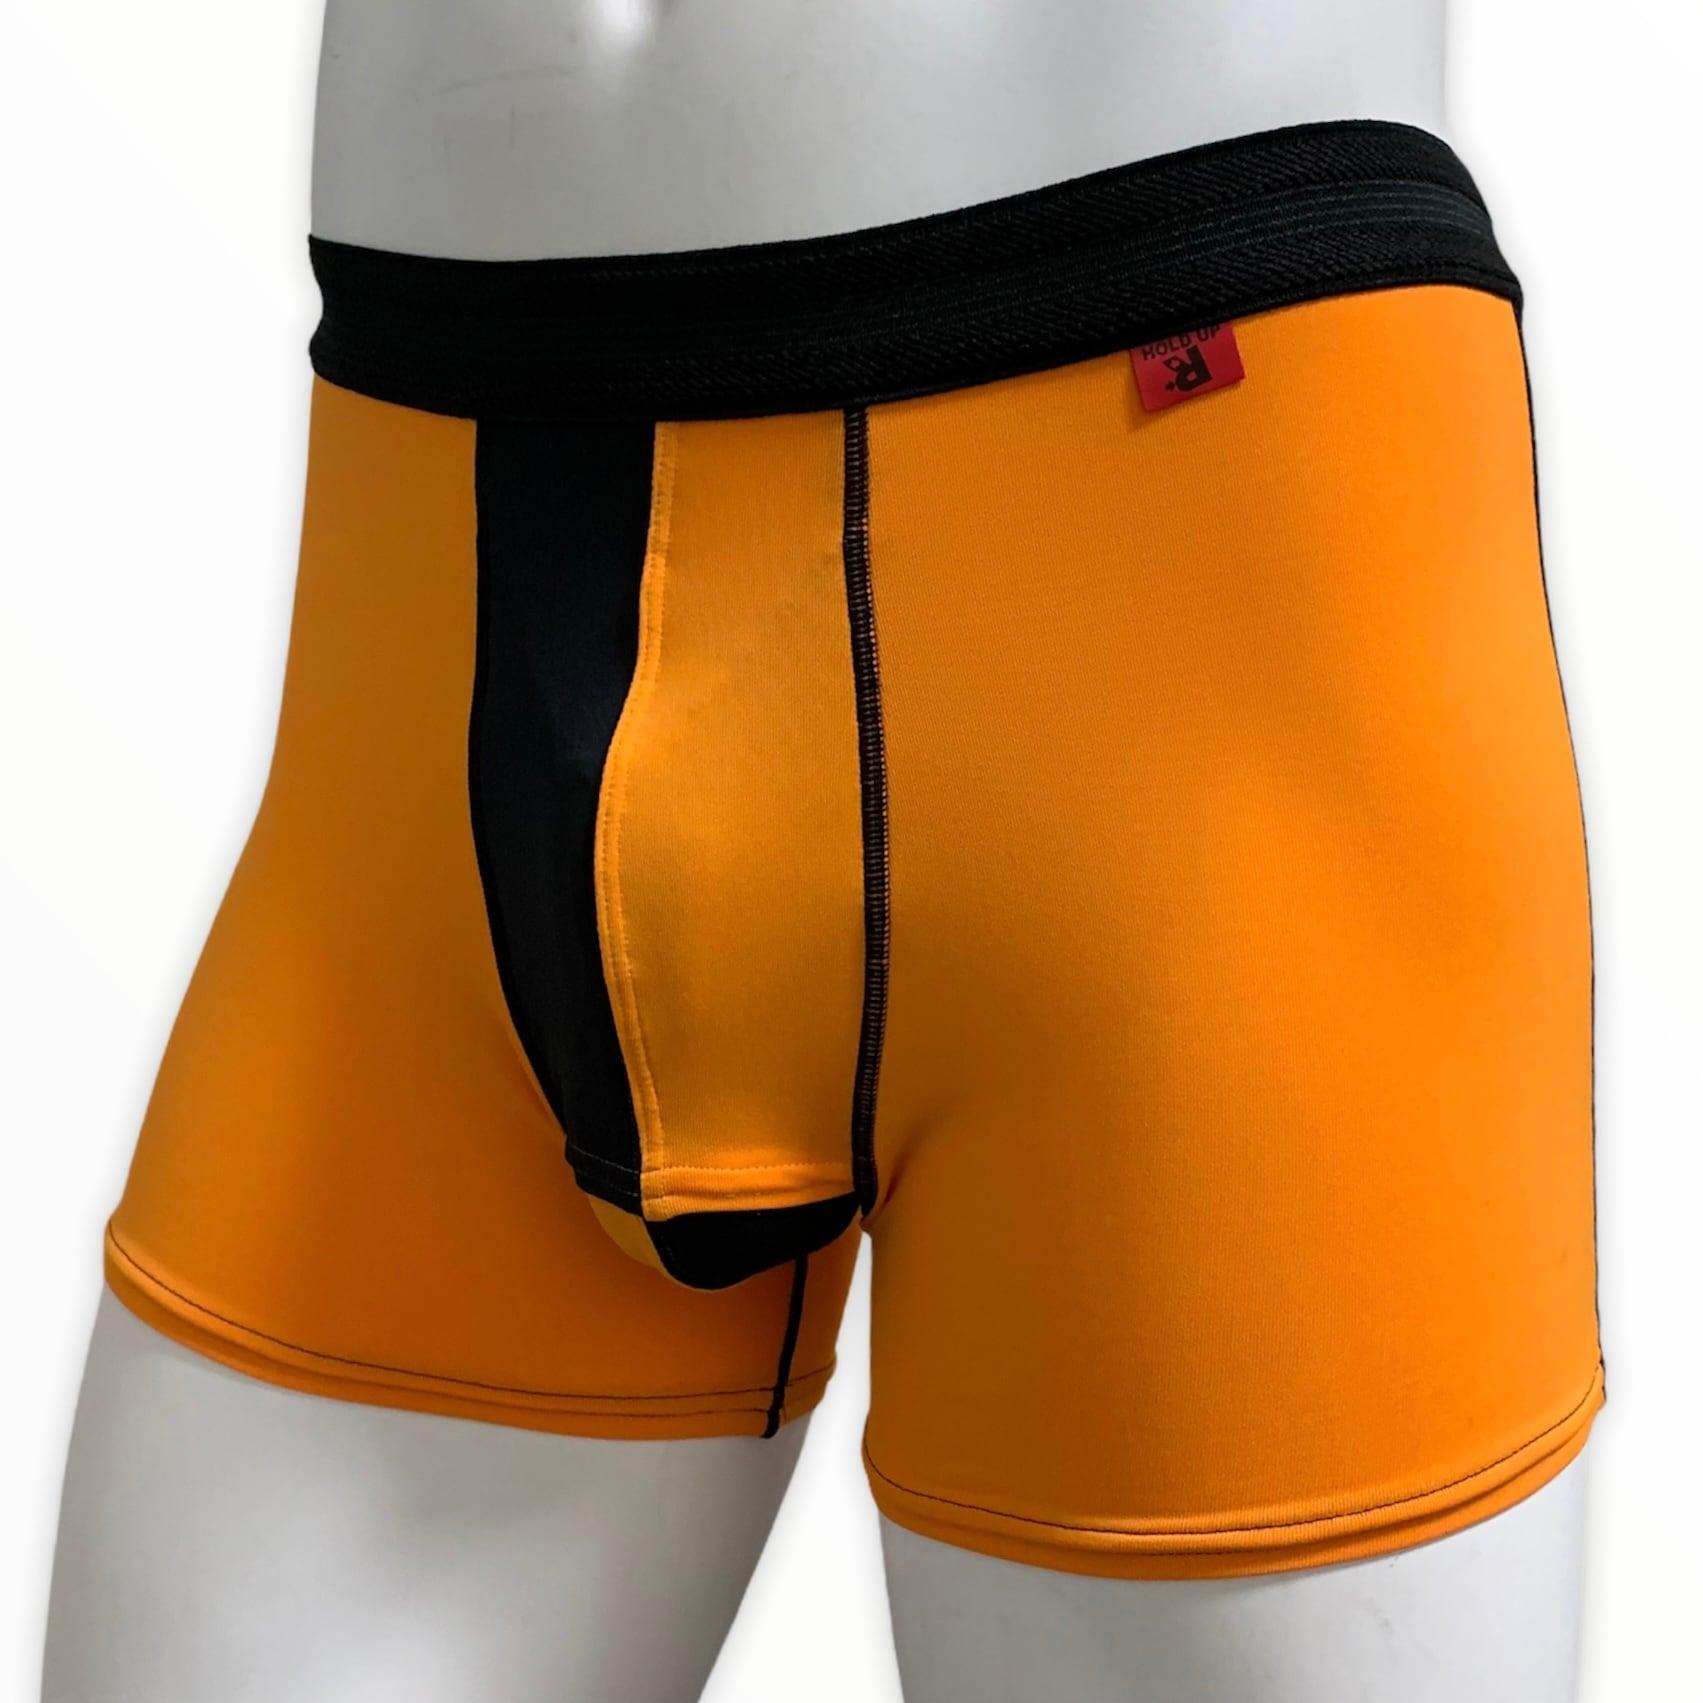 ホールドアップボクサー オレンジ×ブラック